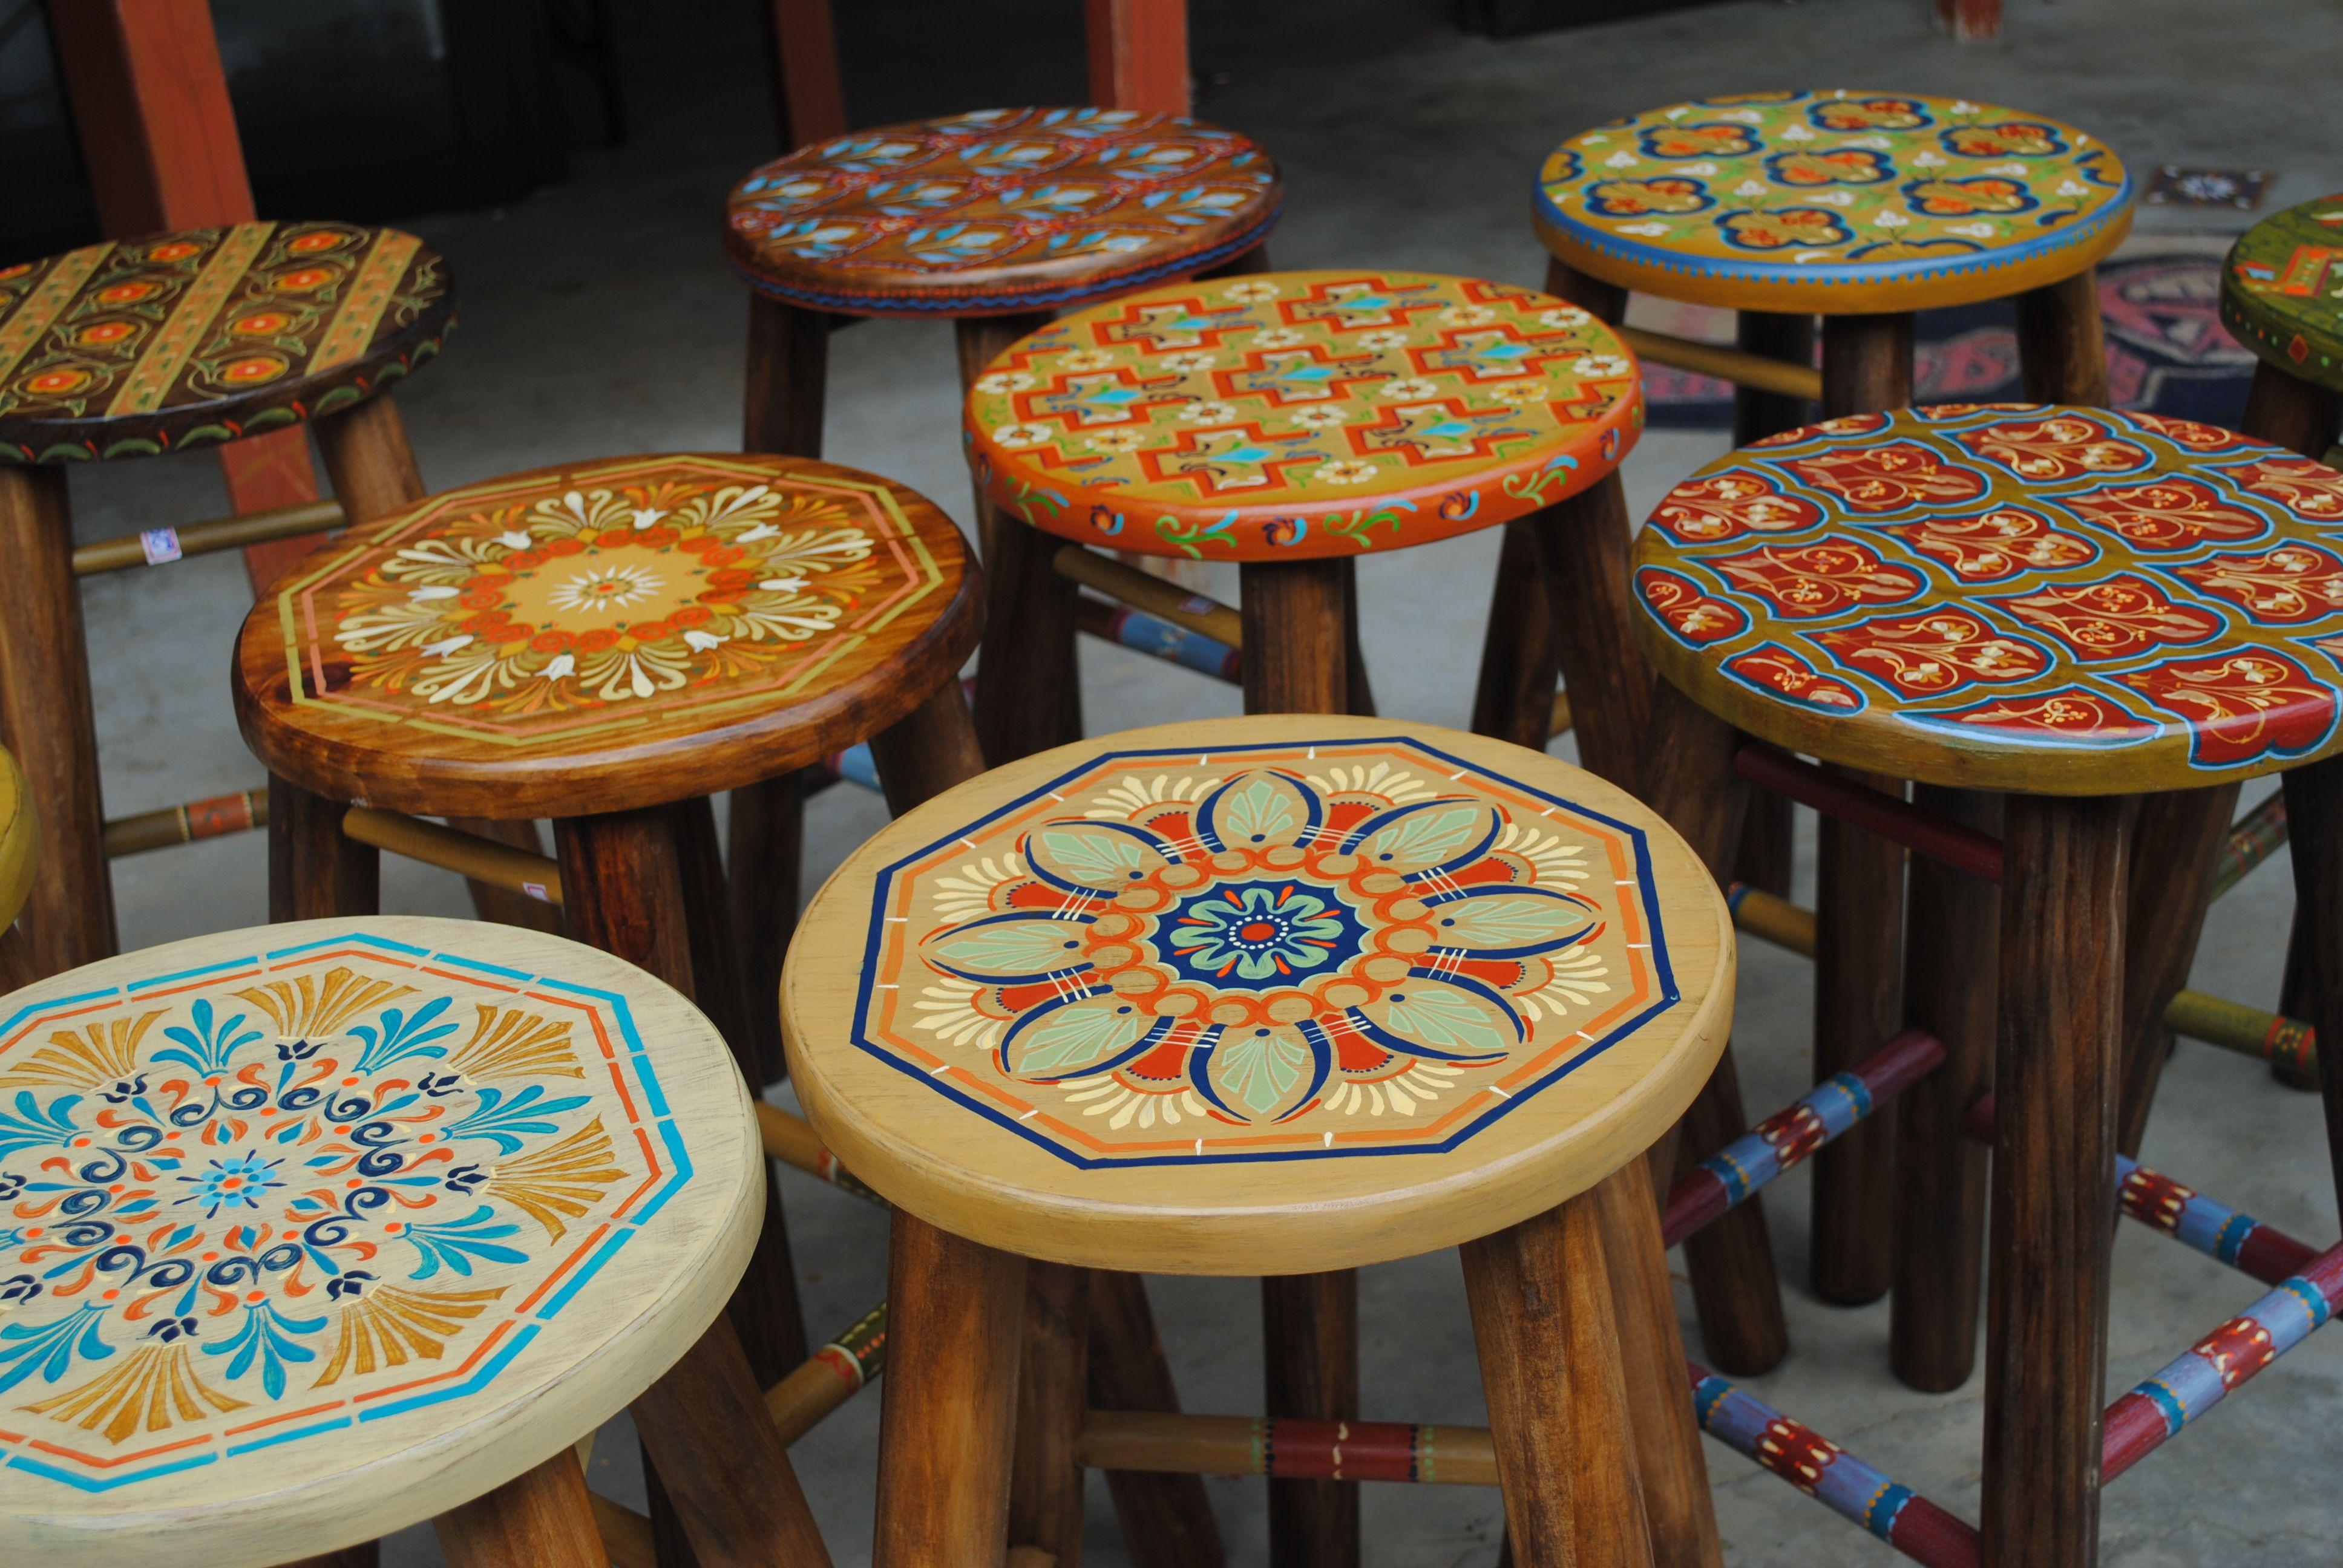 artes pinturas em bancos de madeira - Pesquisa Google